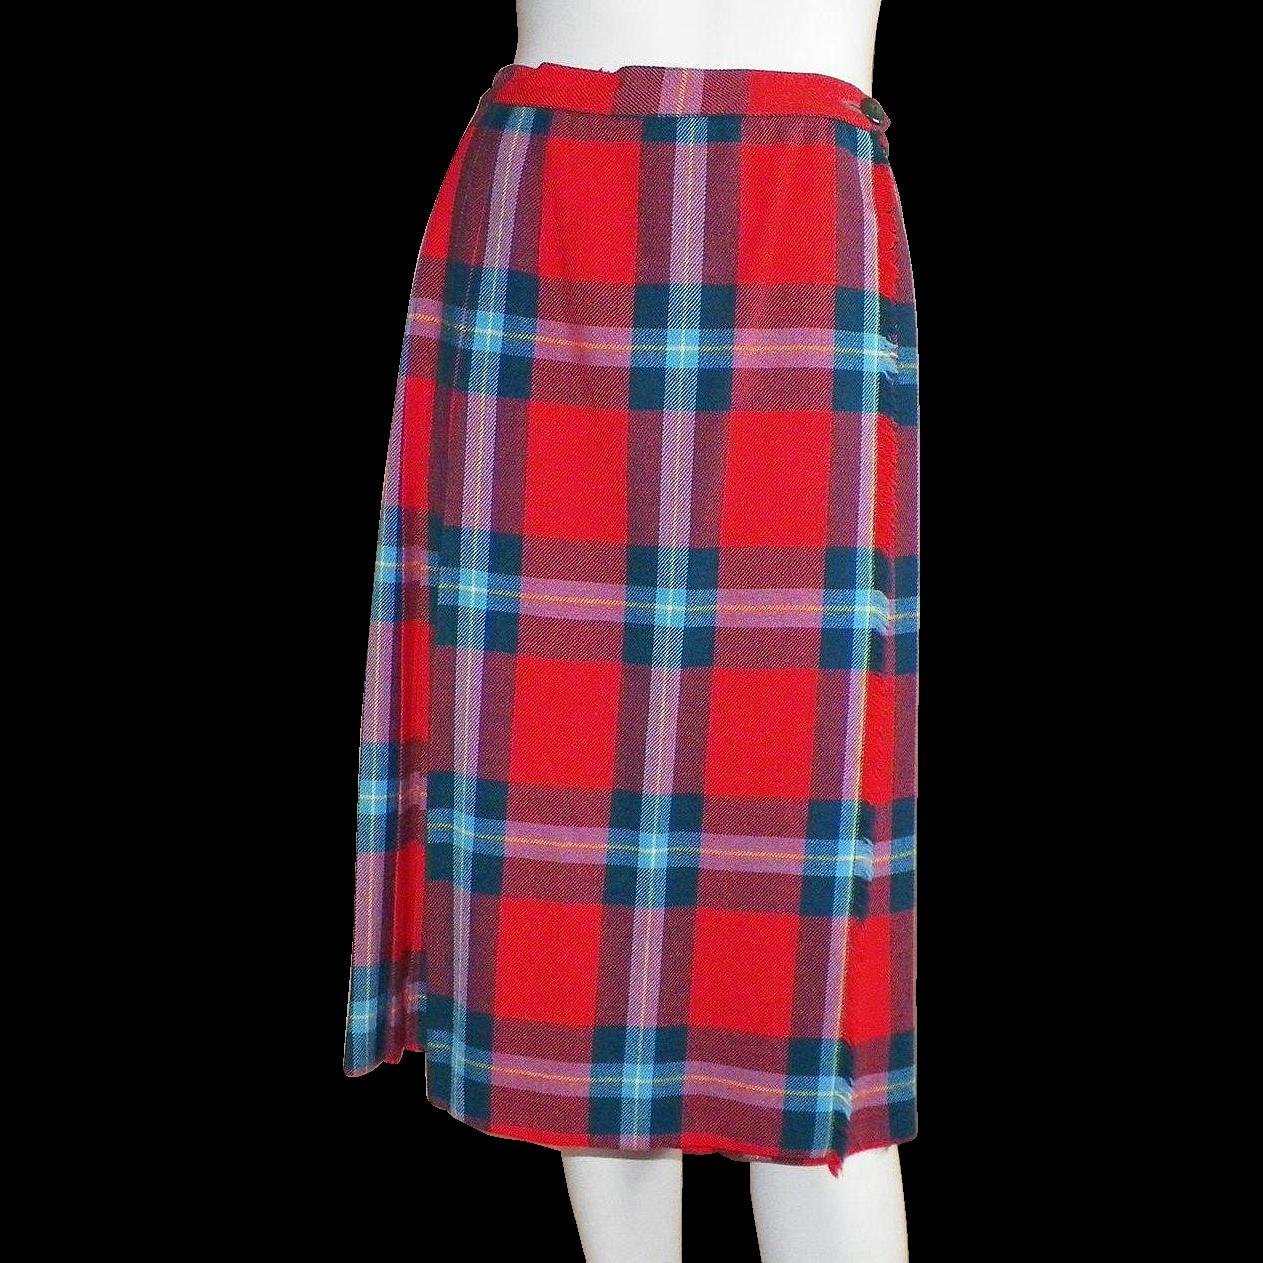 Vintage 1950's British Pleated Plaid Skirt